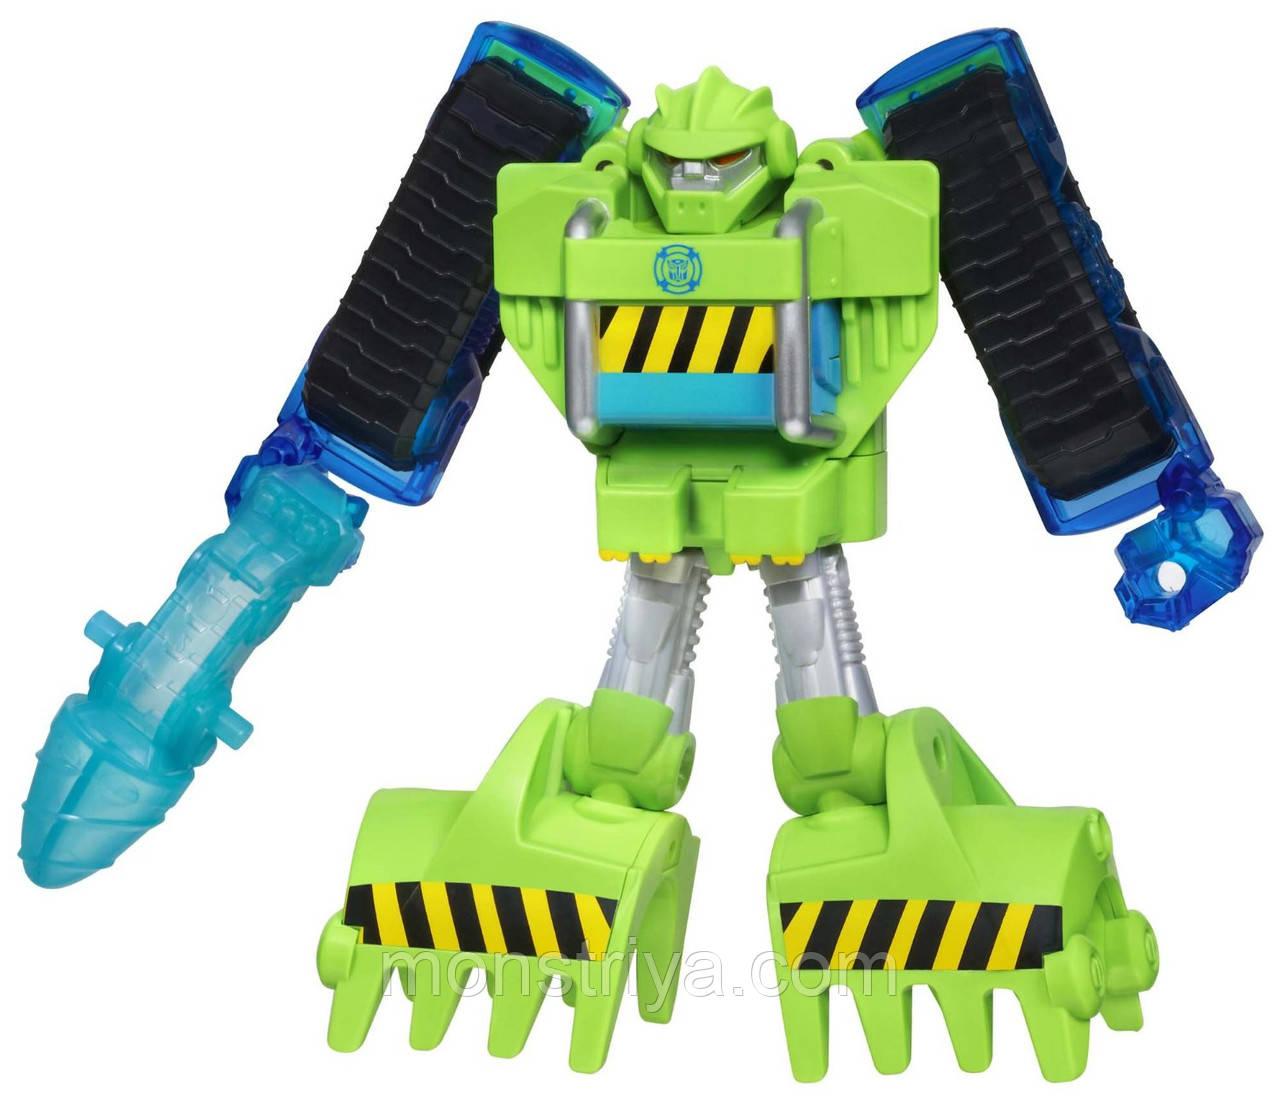 Болдер Боты спасатели Hasbro, фото 1